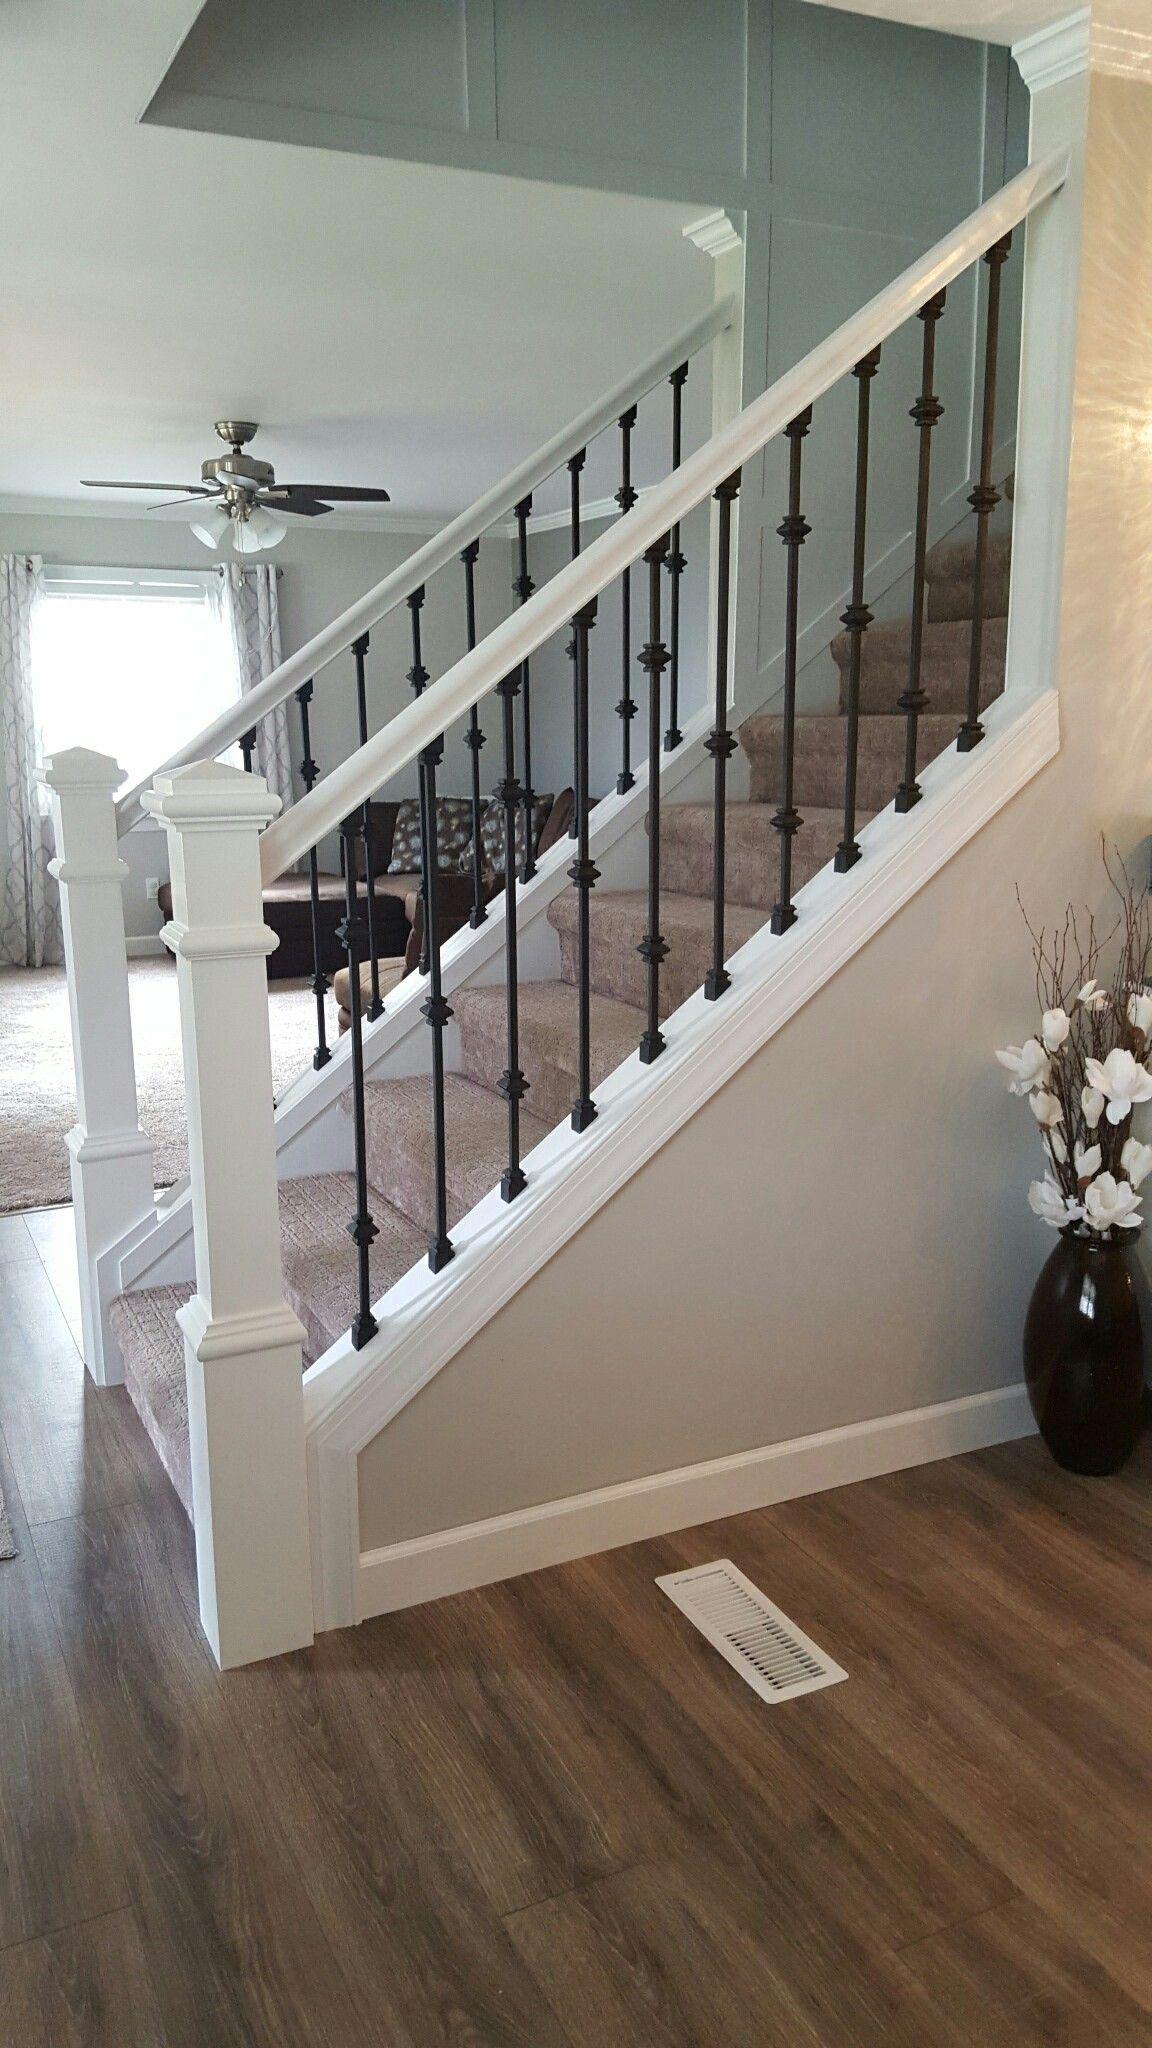 Wonderful How Stair Railings Might Help The Home Look Elegant